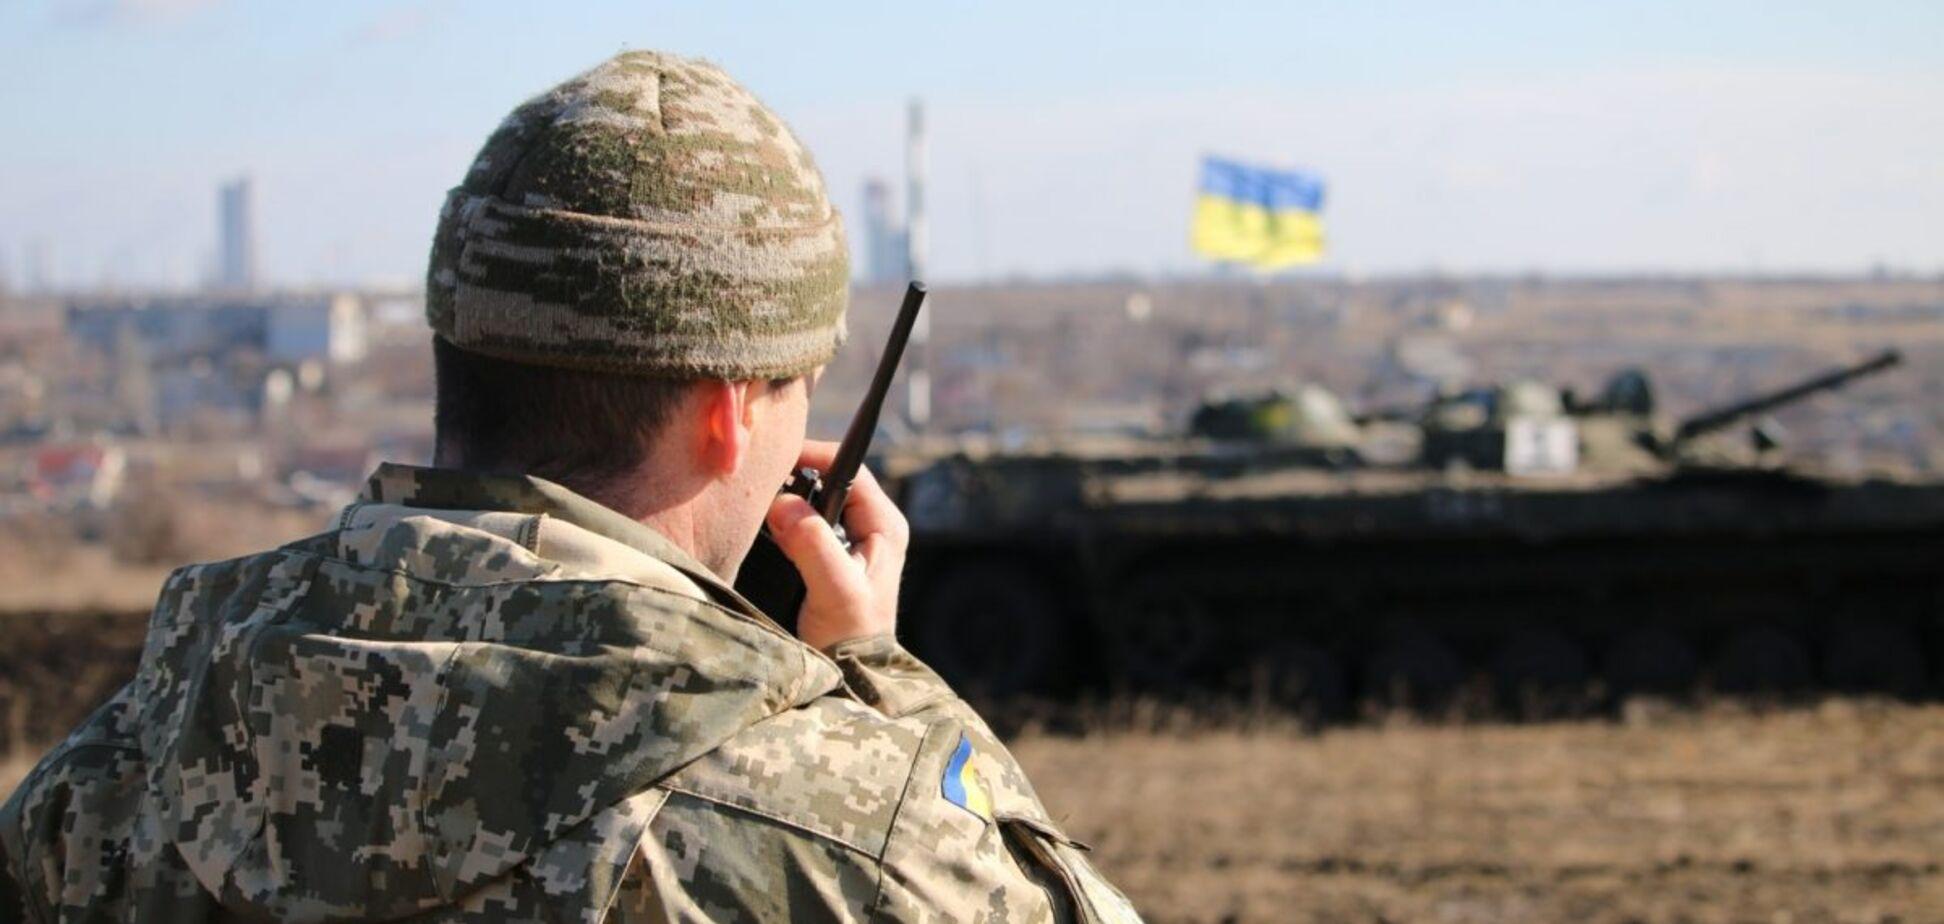 Працював снайпер: ЗМІ дізналися про загибель волонтера на Донбасі